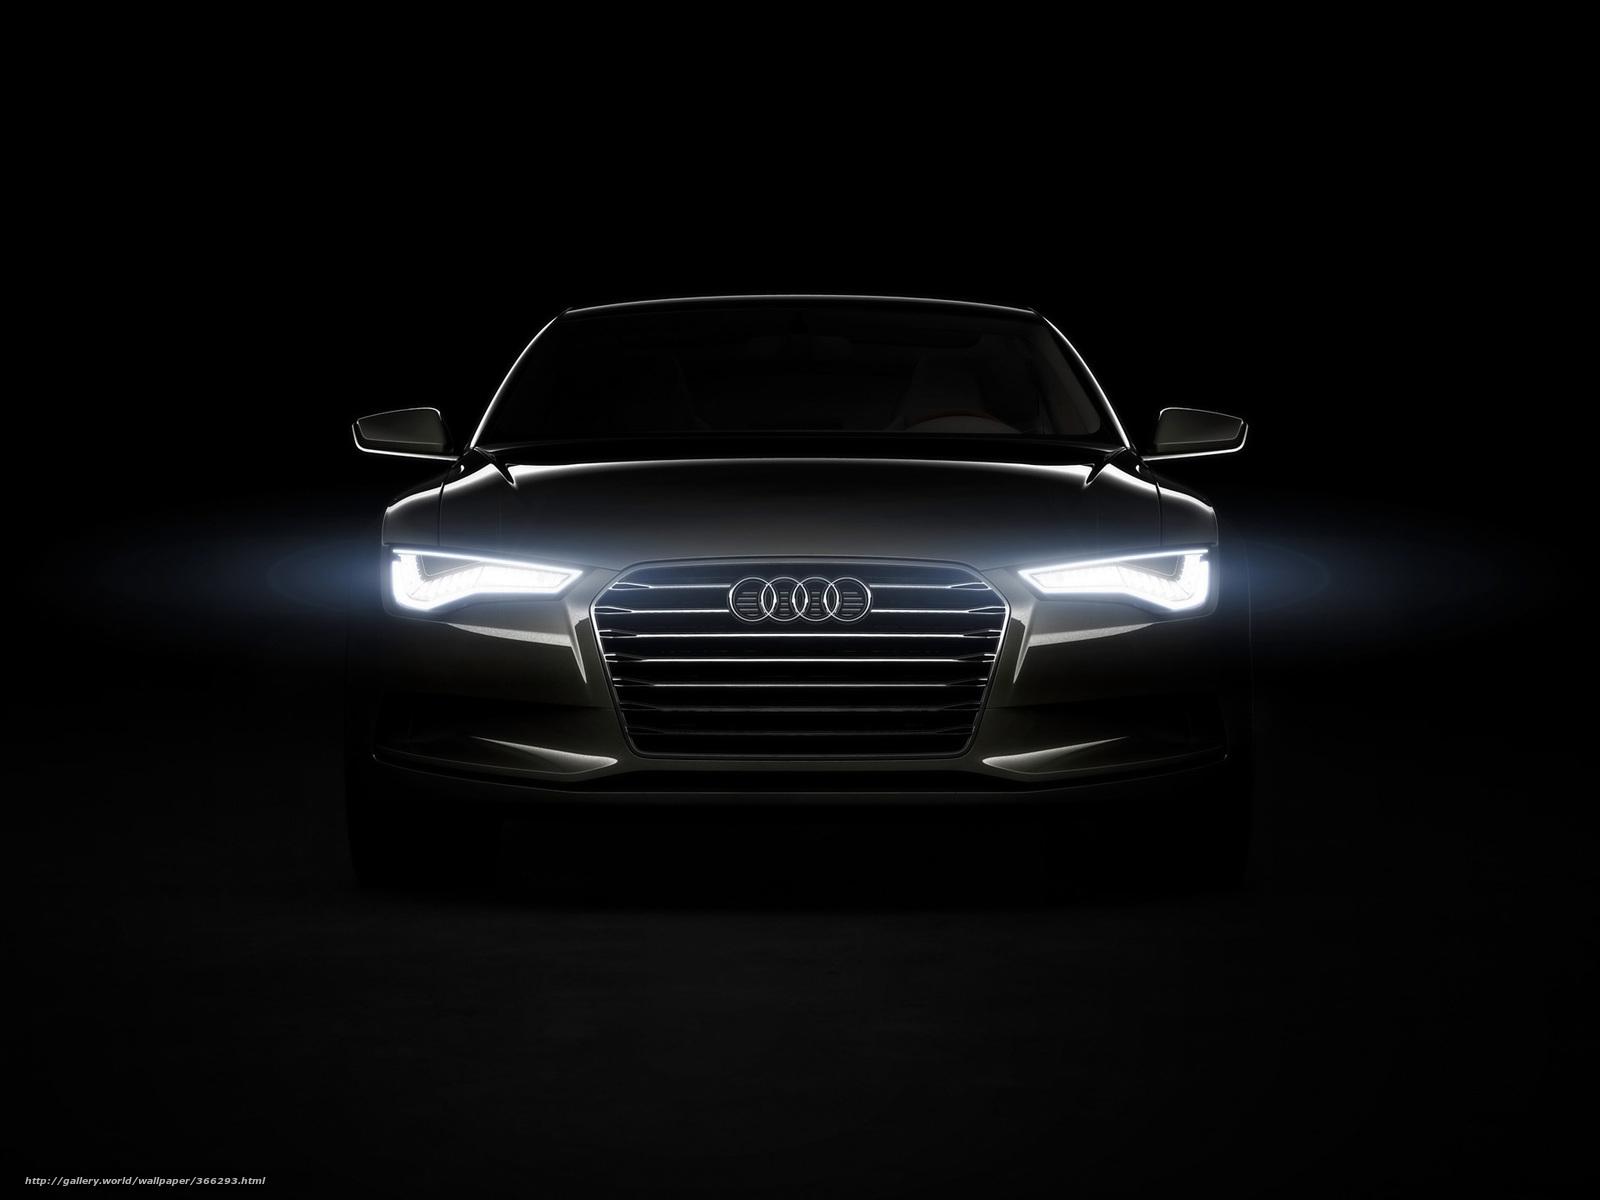 Tlcharger Fond D Ecran Audi Sportback Noir Fonds D Ecran